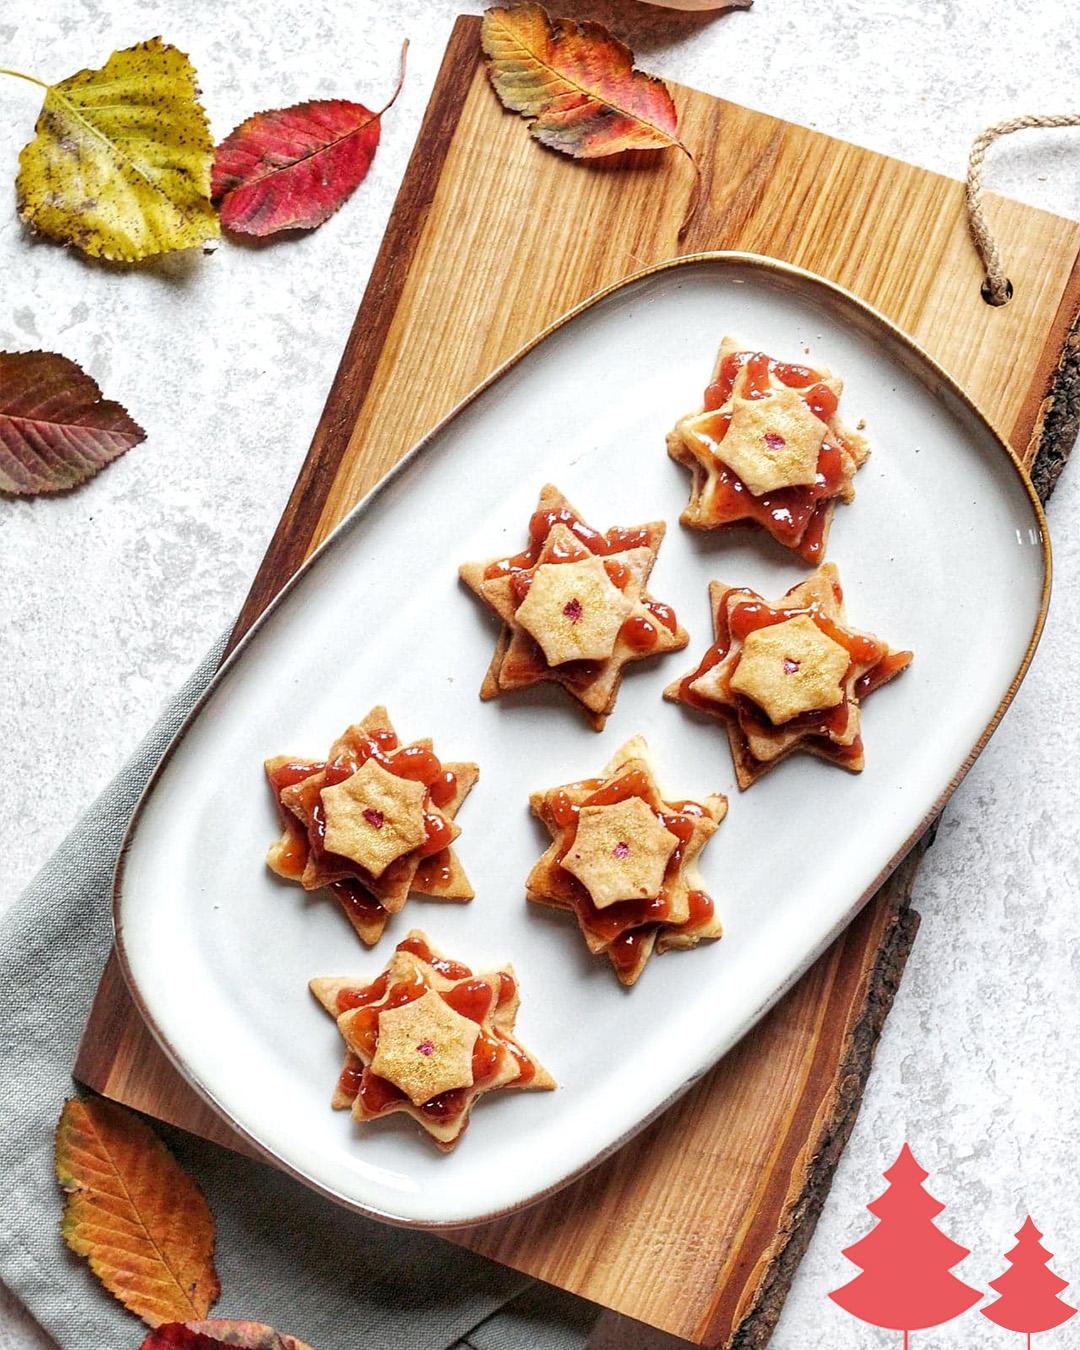 Recept van de maand: Glutenvrije Kerstkoekjes